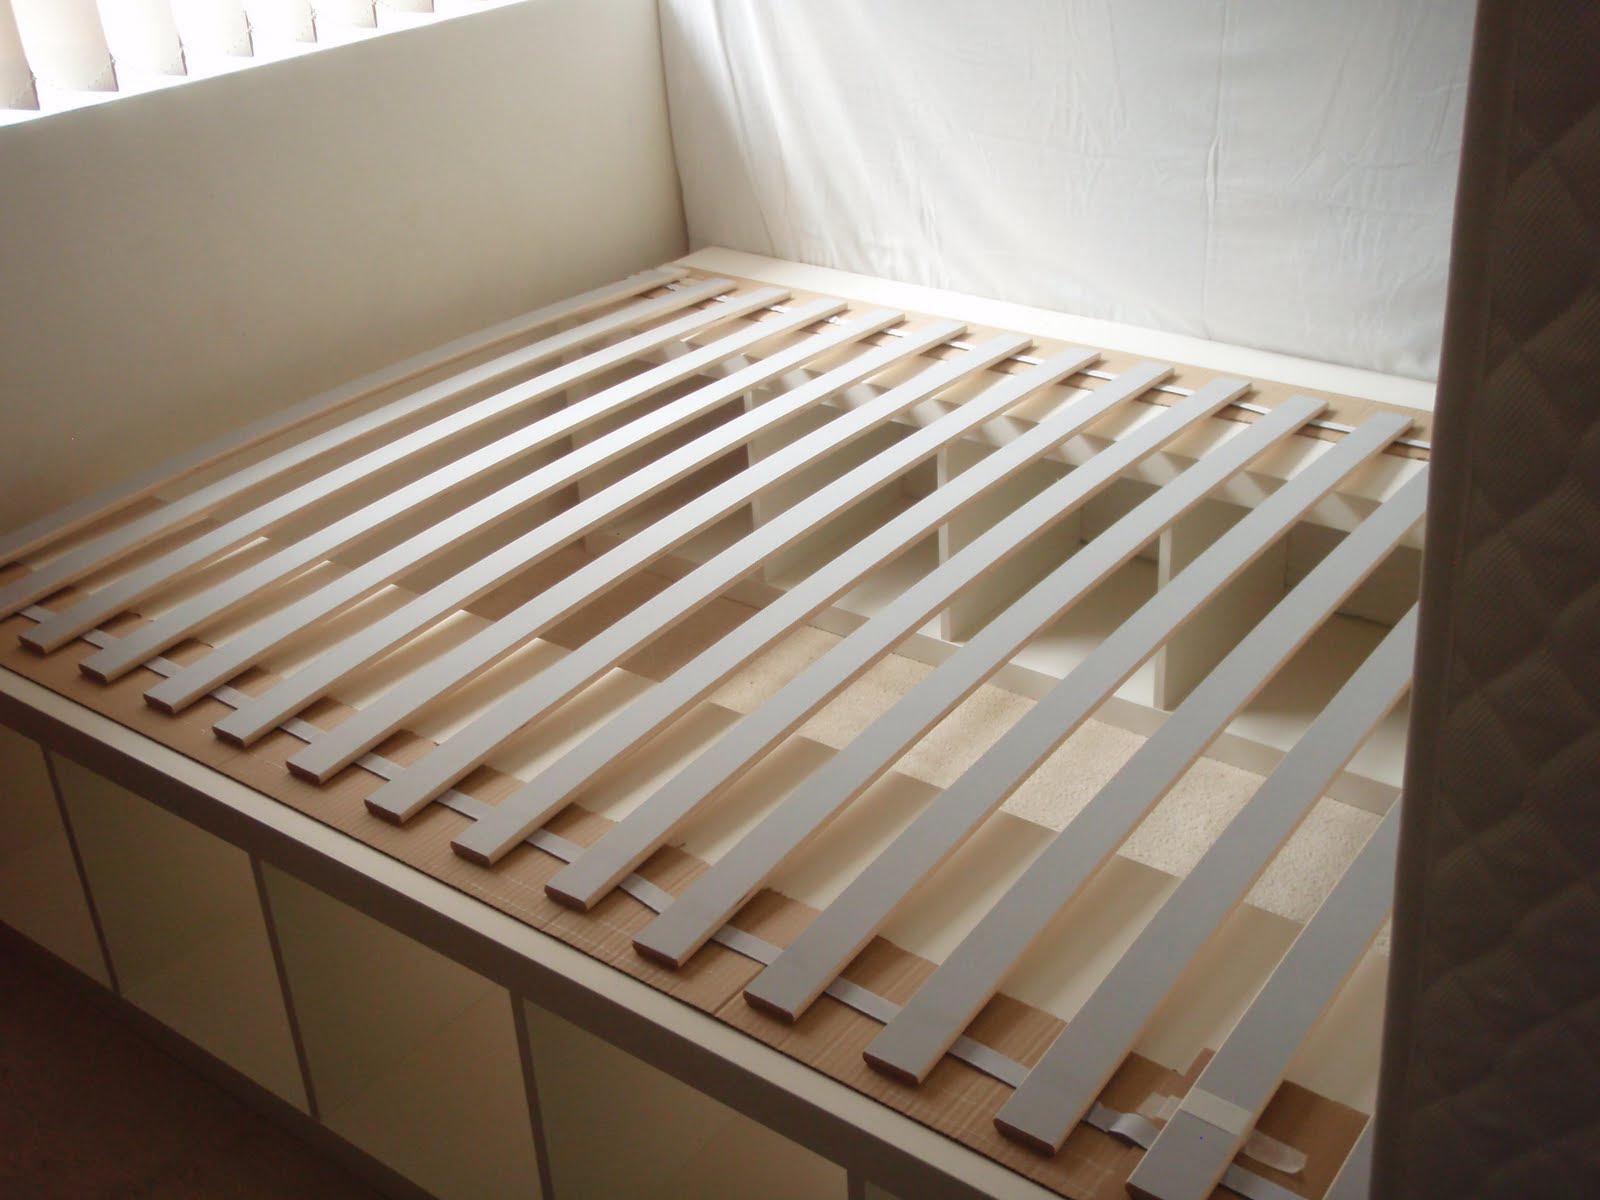 Diy Bathroom Shelf Ideas, Ikea Bed Slats